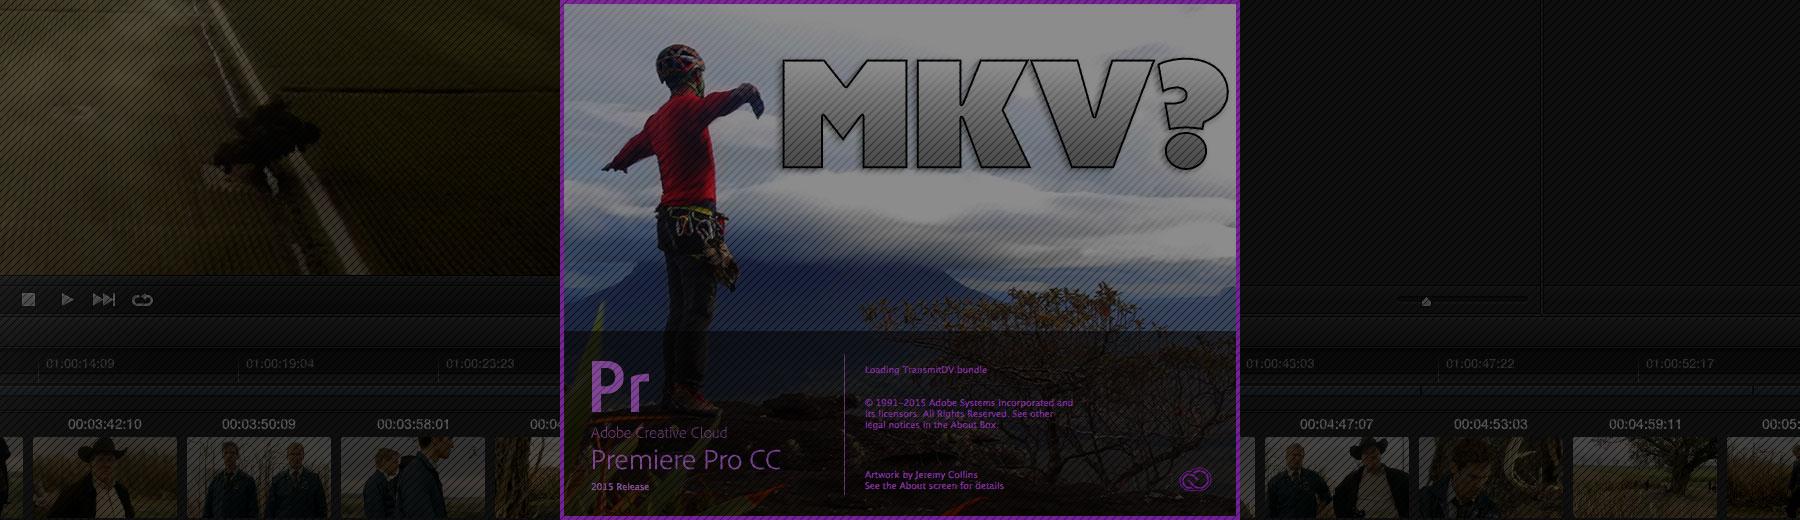 Using Matroska MKV clips in Premiere Pro